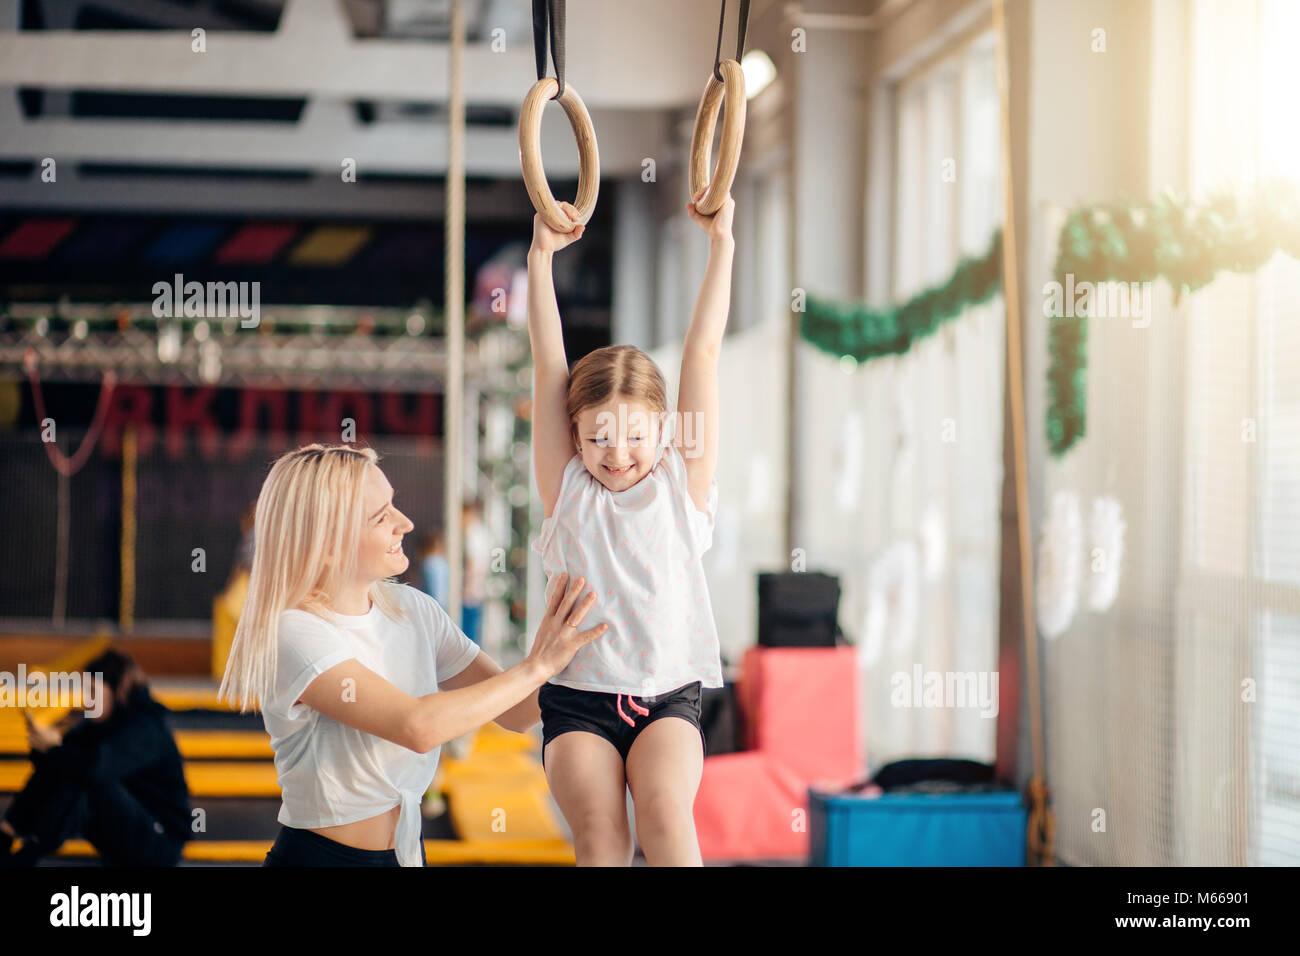 Madre ayudando a hija a jugar deportes en anillos de gimnasia Imagen De Stock